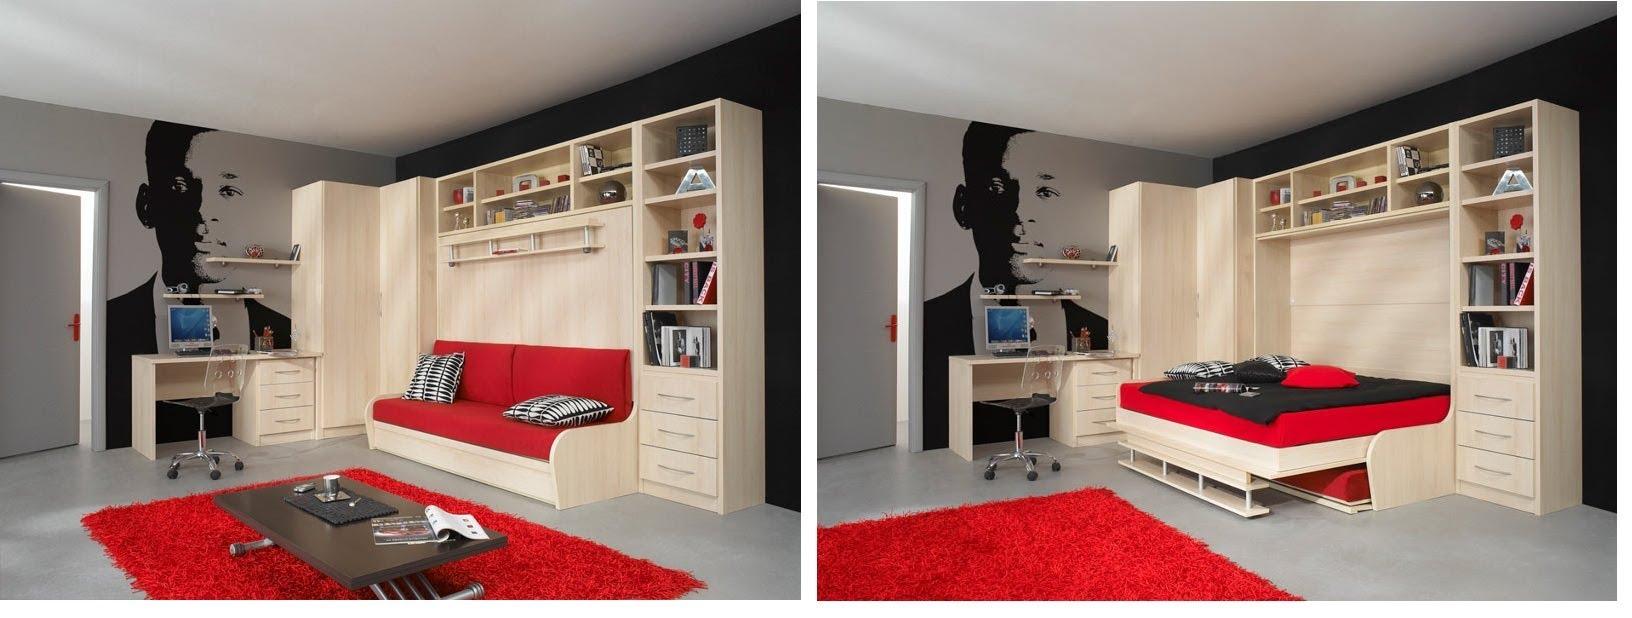 Шкаф диван кровать трансформер 3 в 1